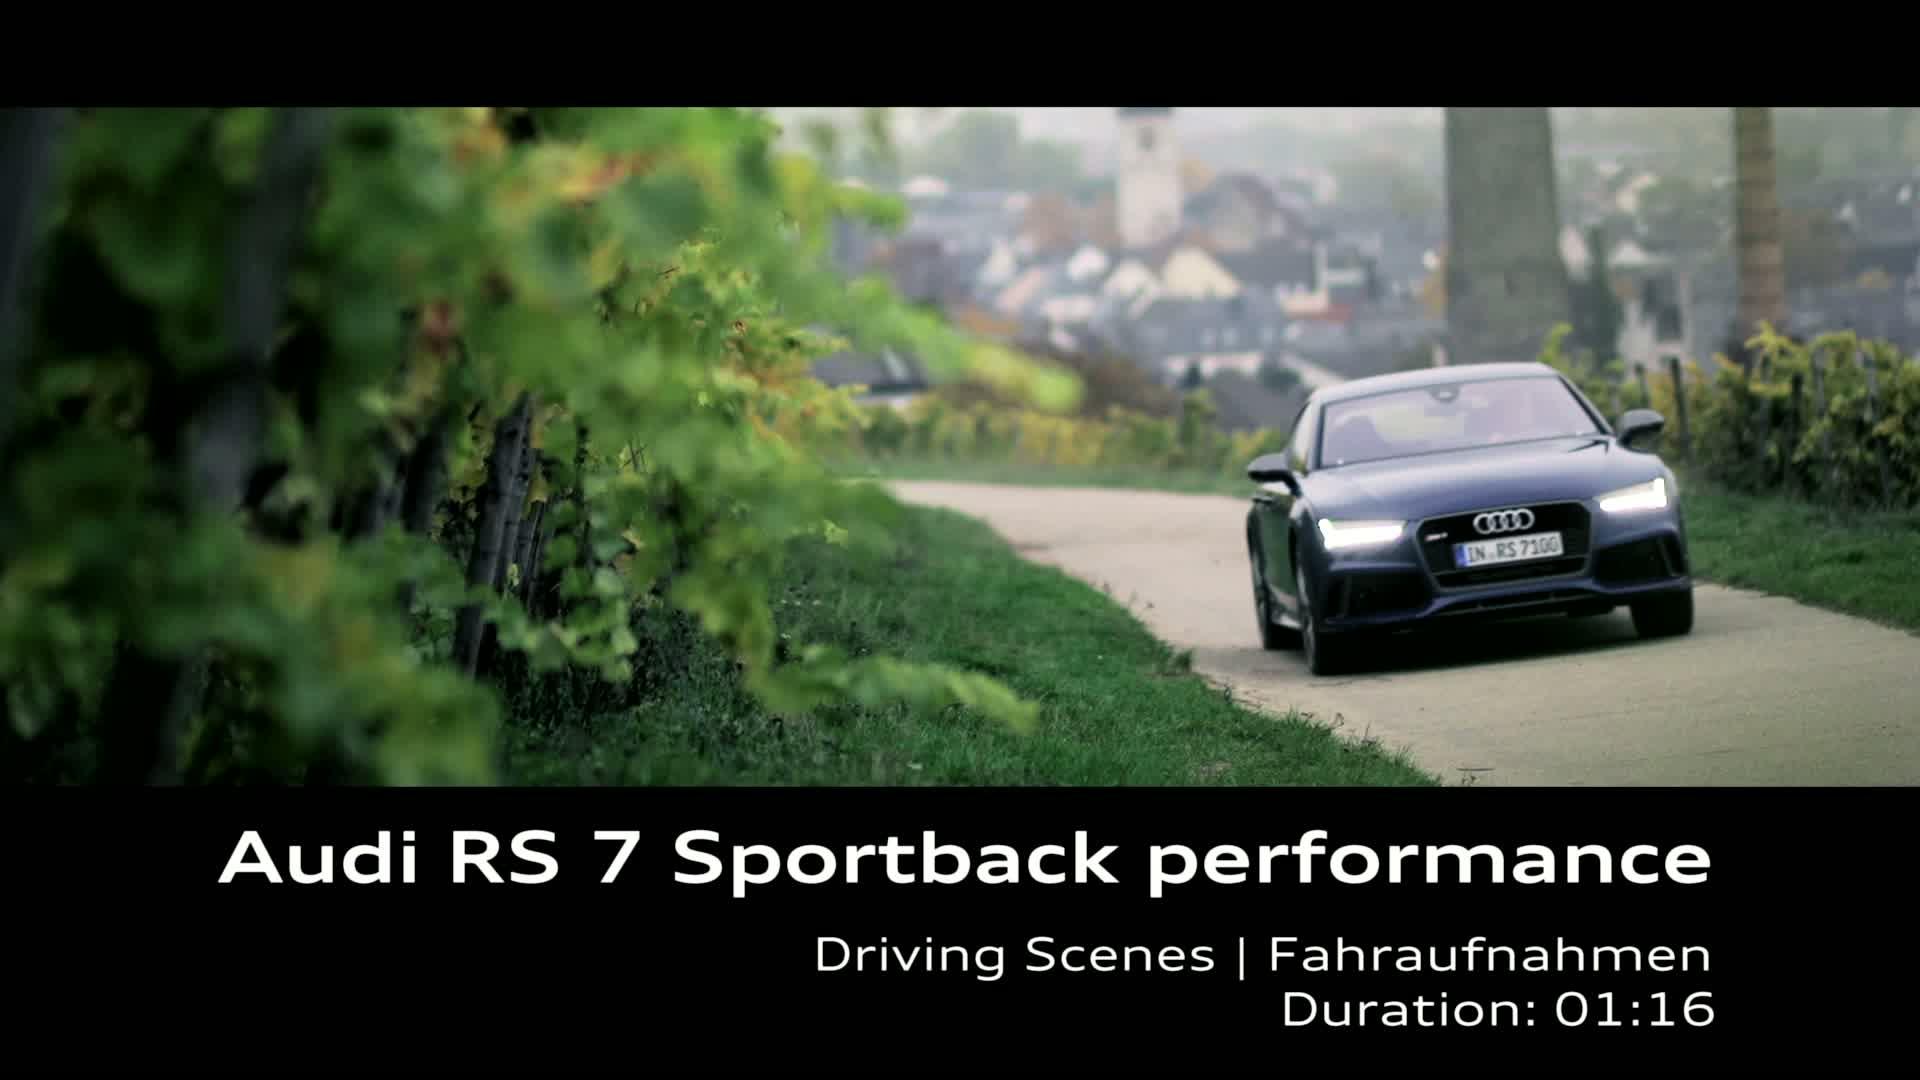 Audi RS 7 Sportback performance - Footage